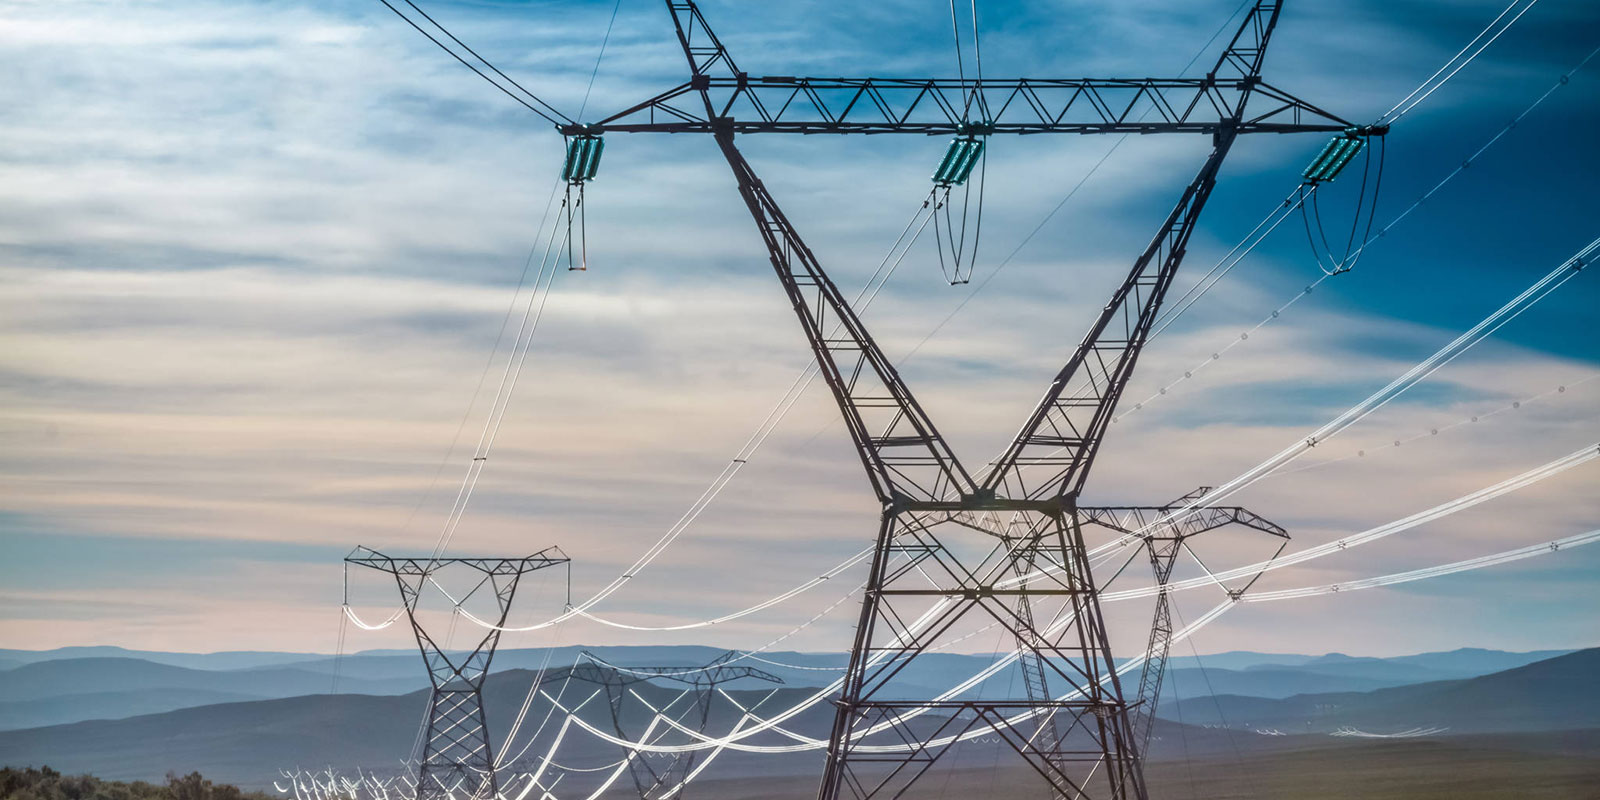 D01d, D02d, D25d aneb přehled sazeb elektřiny. Jaký tarif se vám vyplatí?